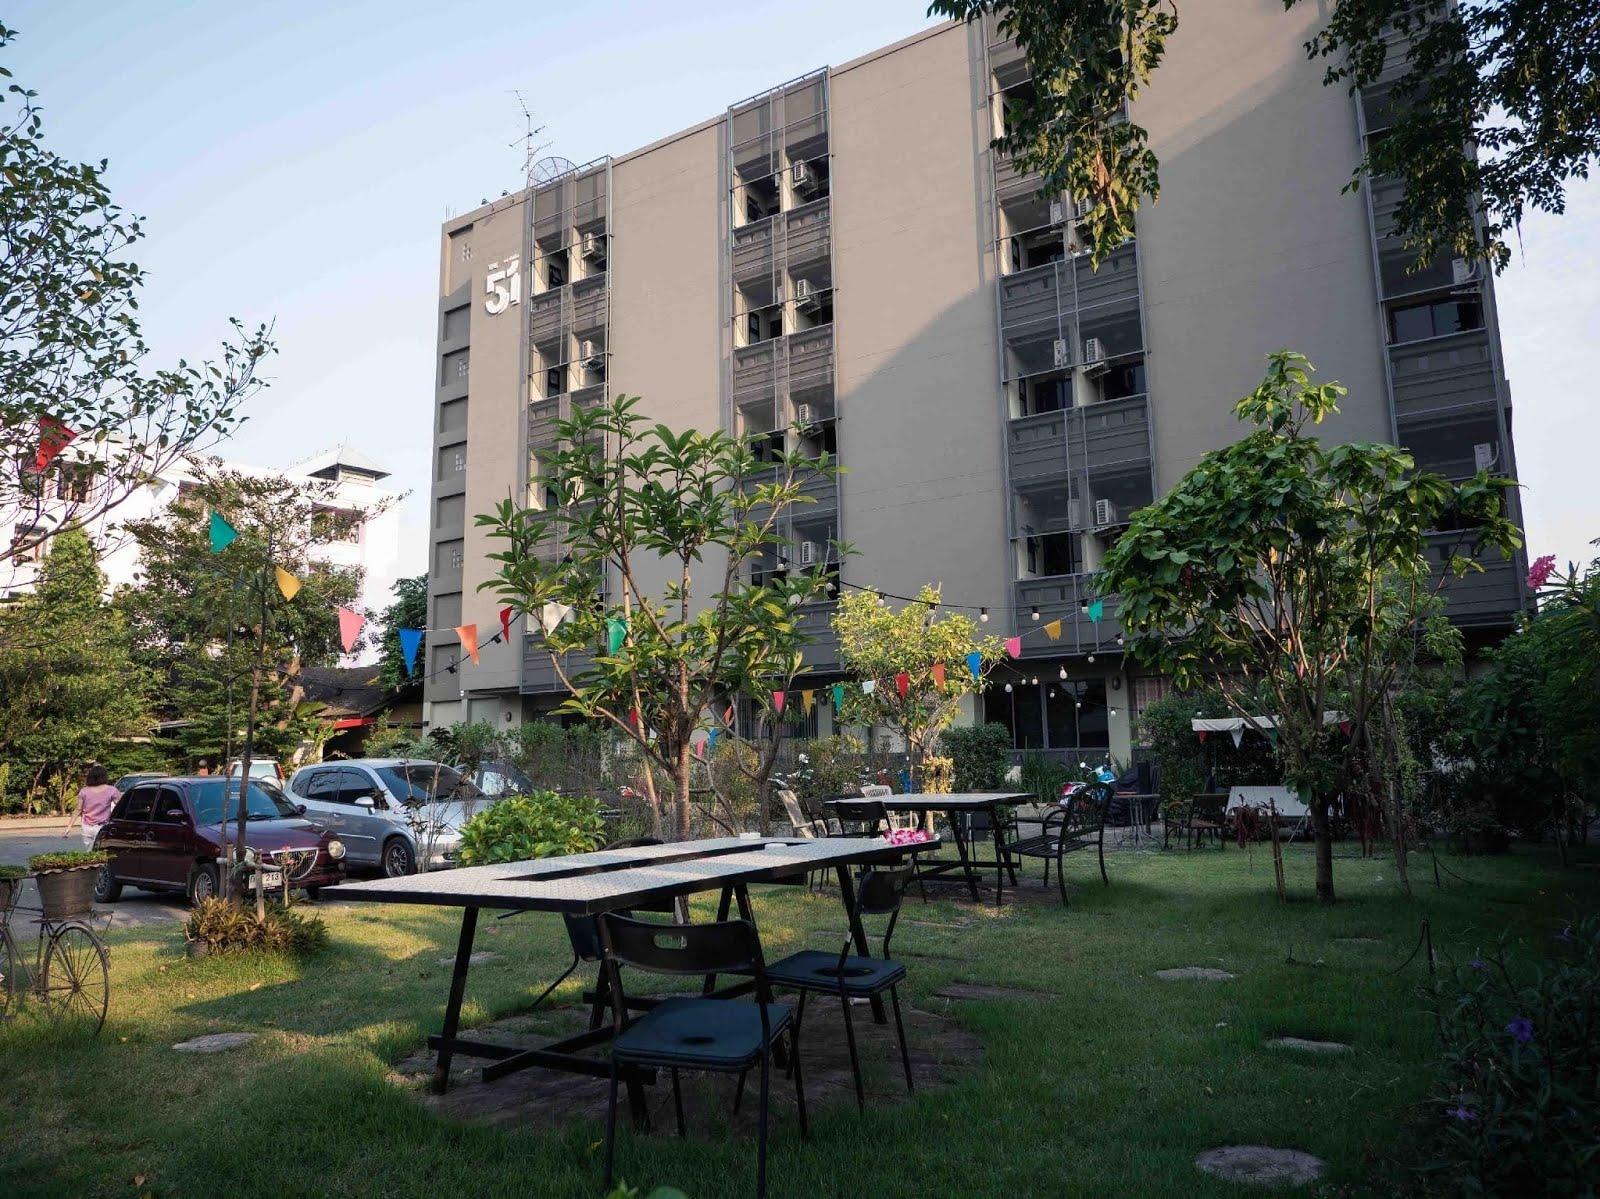 15 ที่พักเชียงใหม่ในตัวเมือง ราคาหลักร้อย คุณภาพเกินราคา!